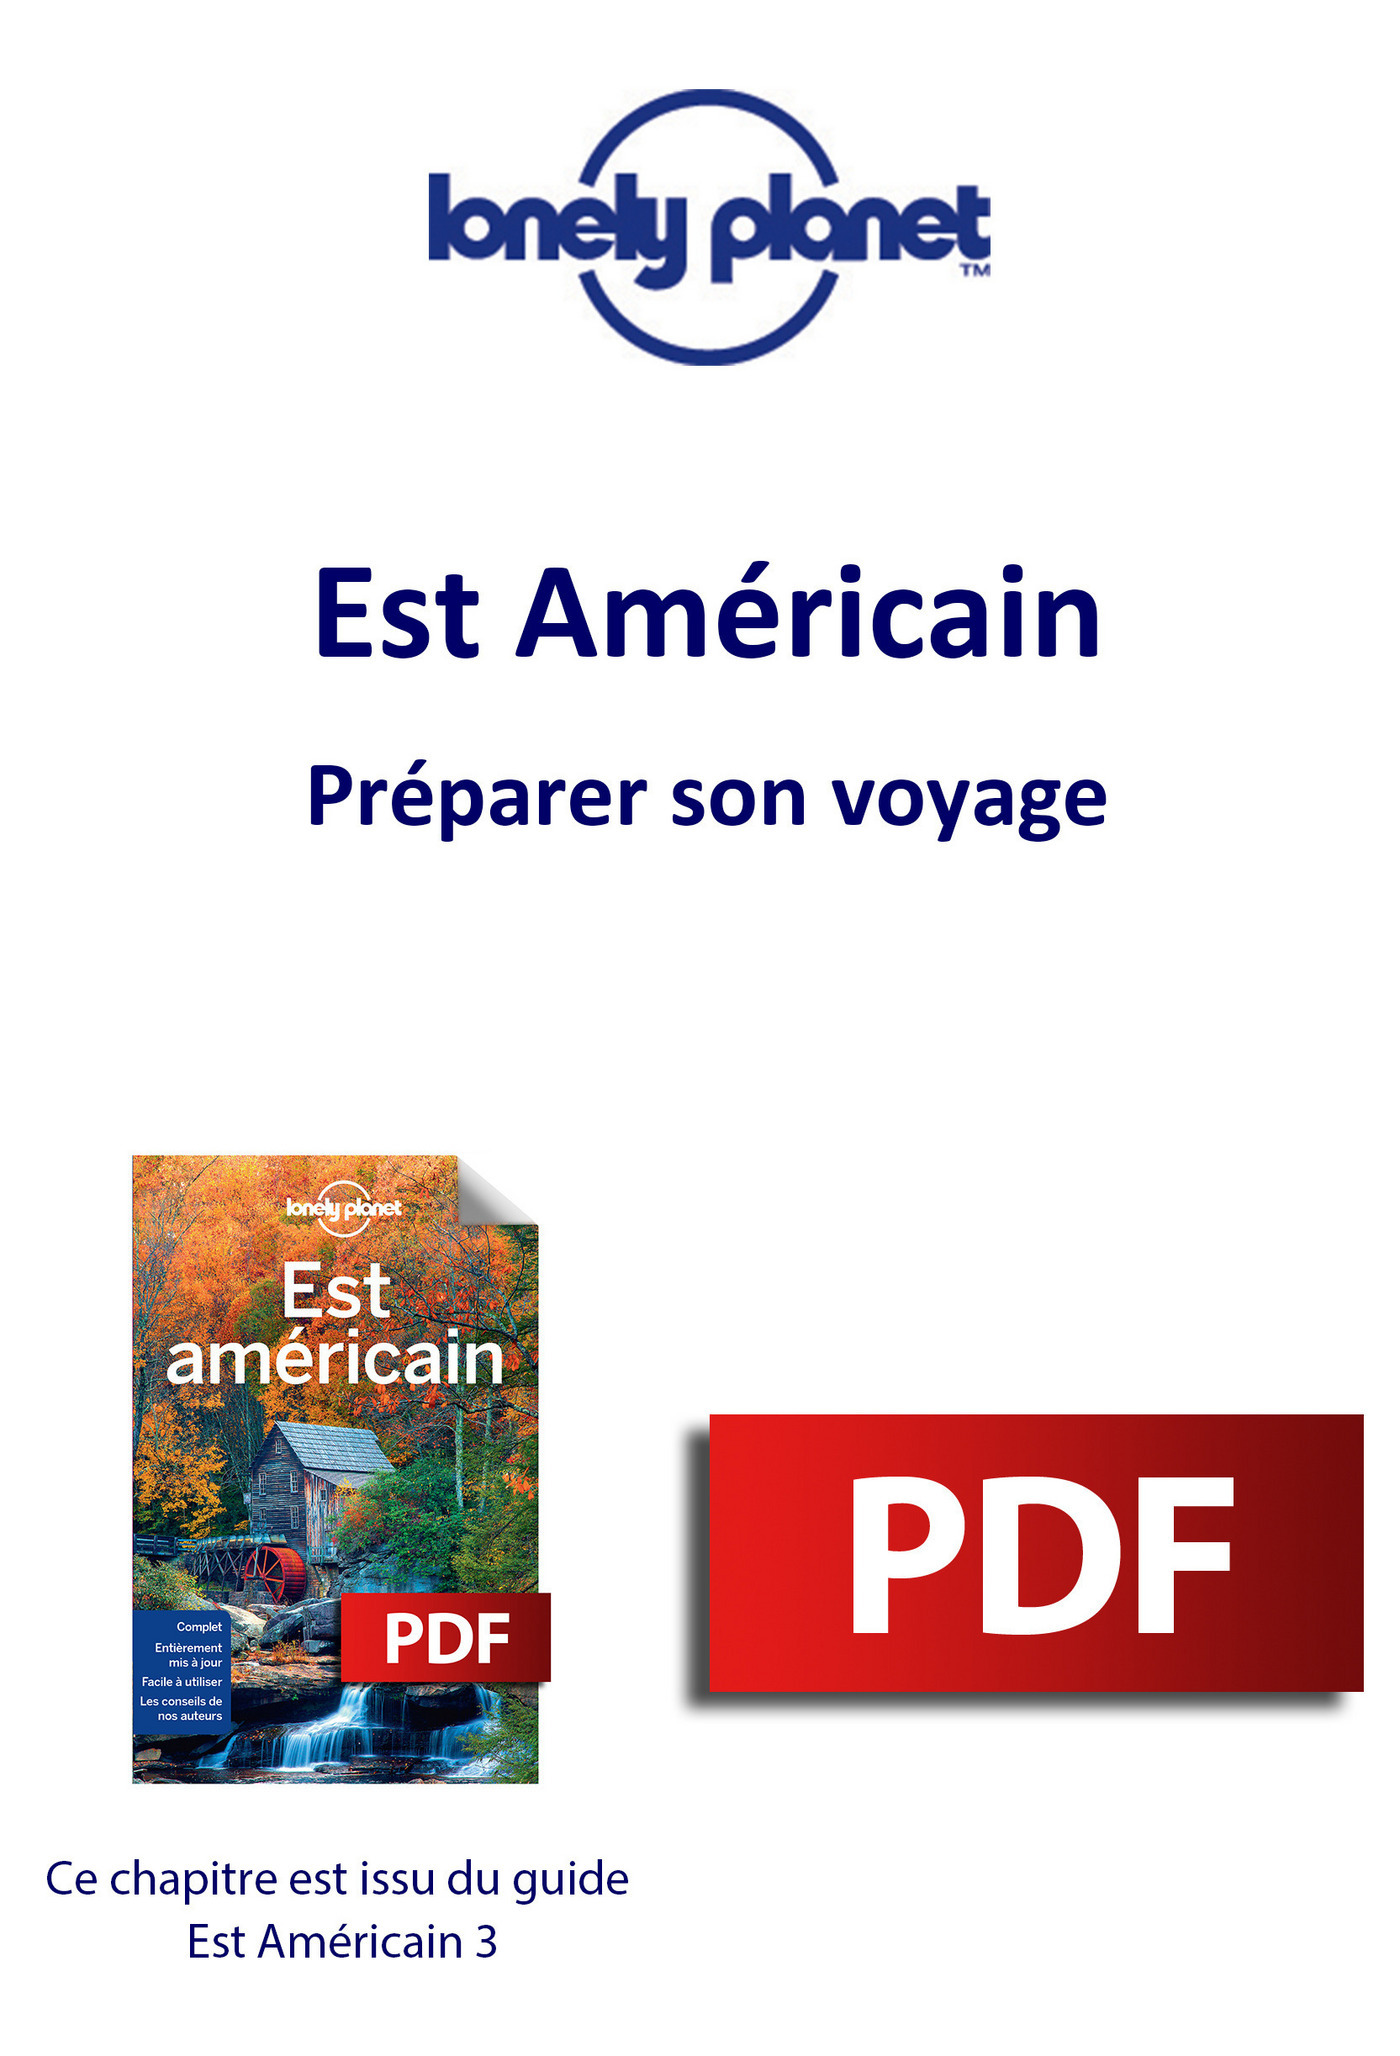 Est Américain - Préparer son voyage